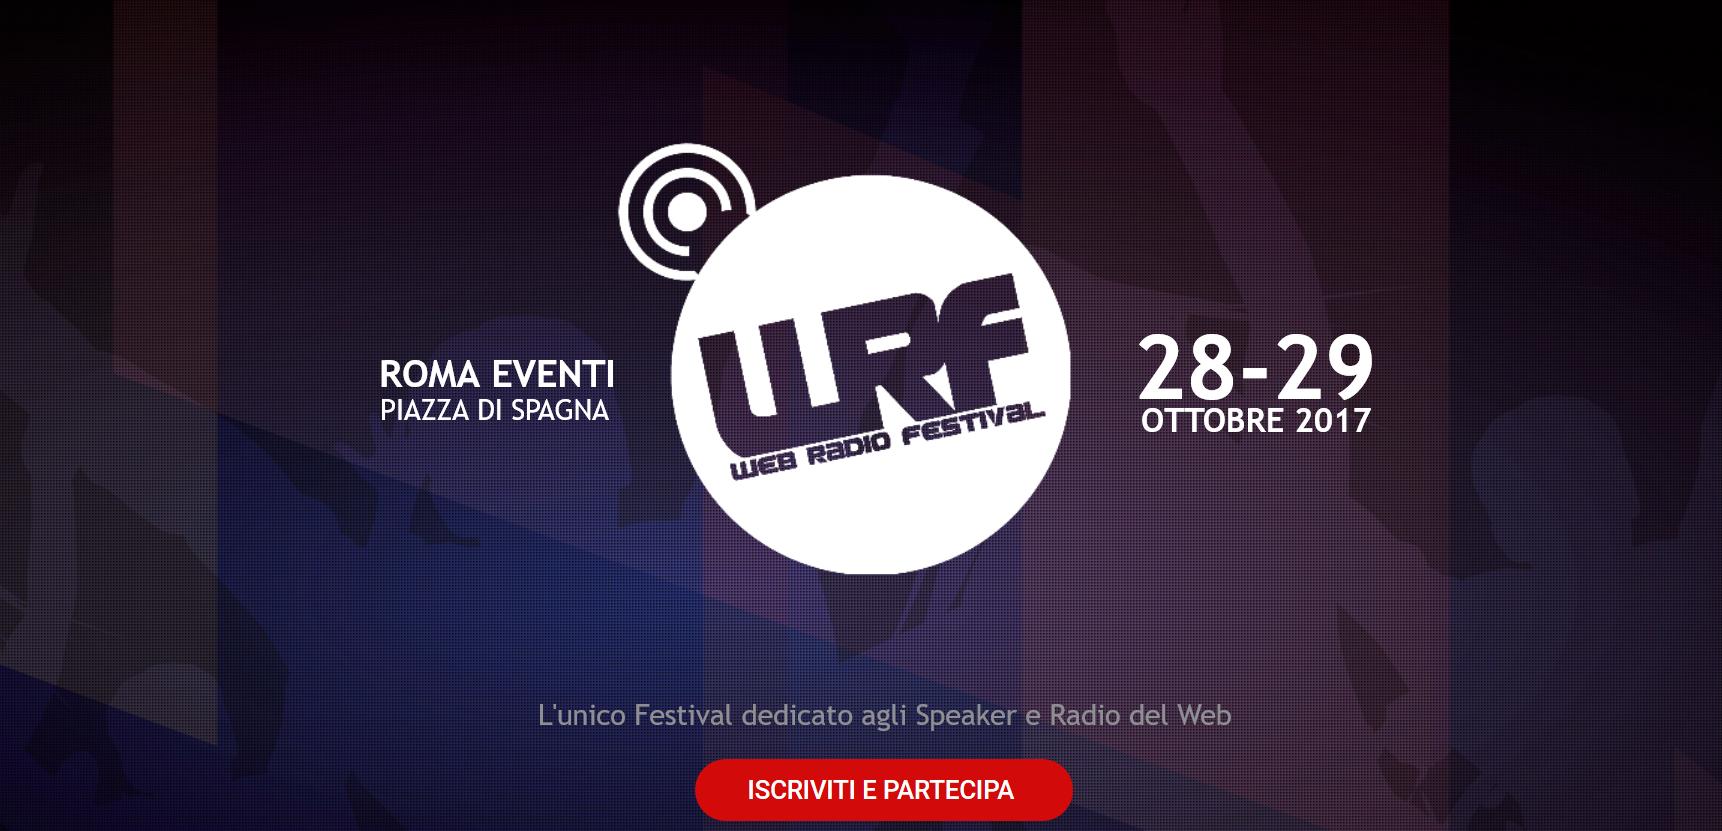 Web Radio Festival Banner grande - Radio, USA: confronto sempre più acceso per controllo cruscotto auto, crocevia del futuro 4.0